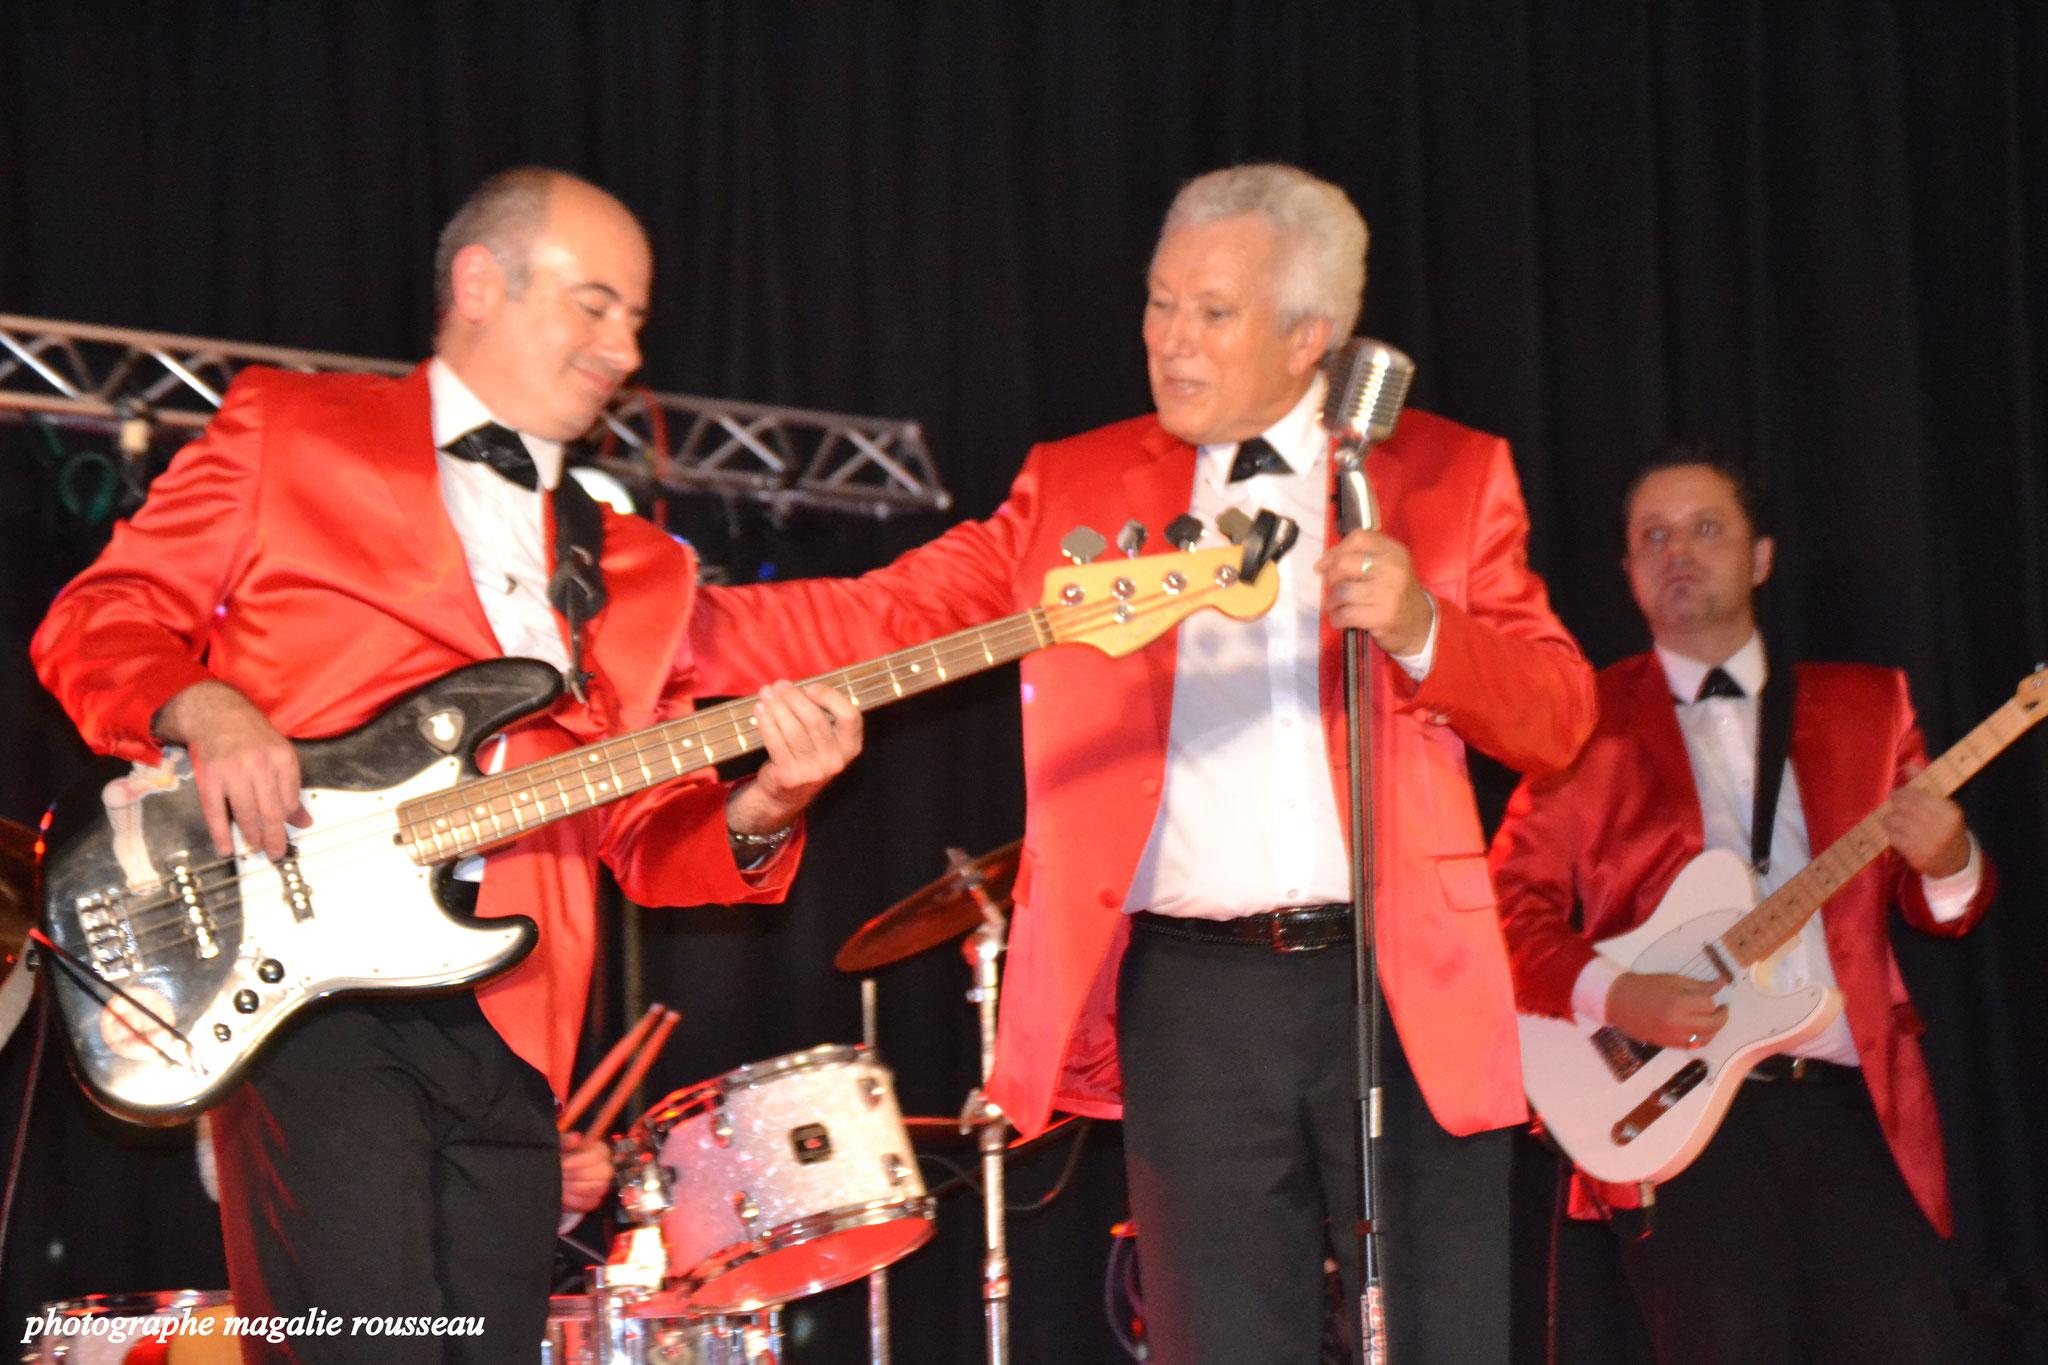 Les Vinyls - Jean-Philippe et Jean-Claude Coulonge